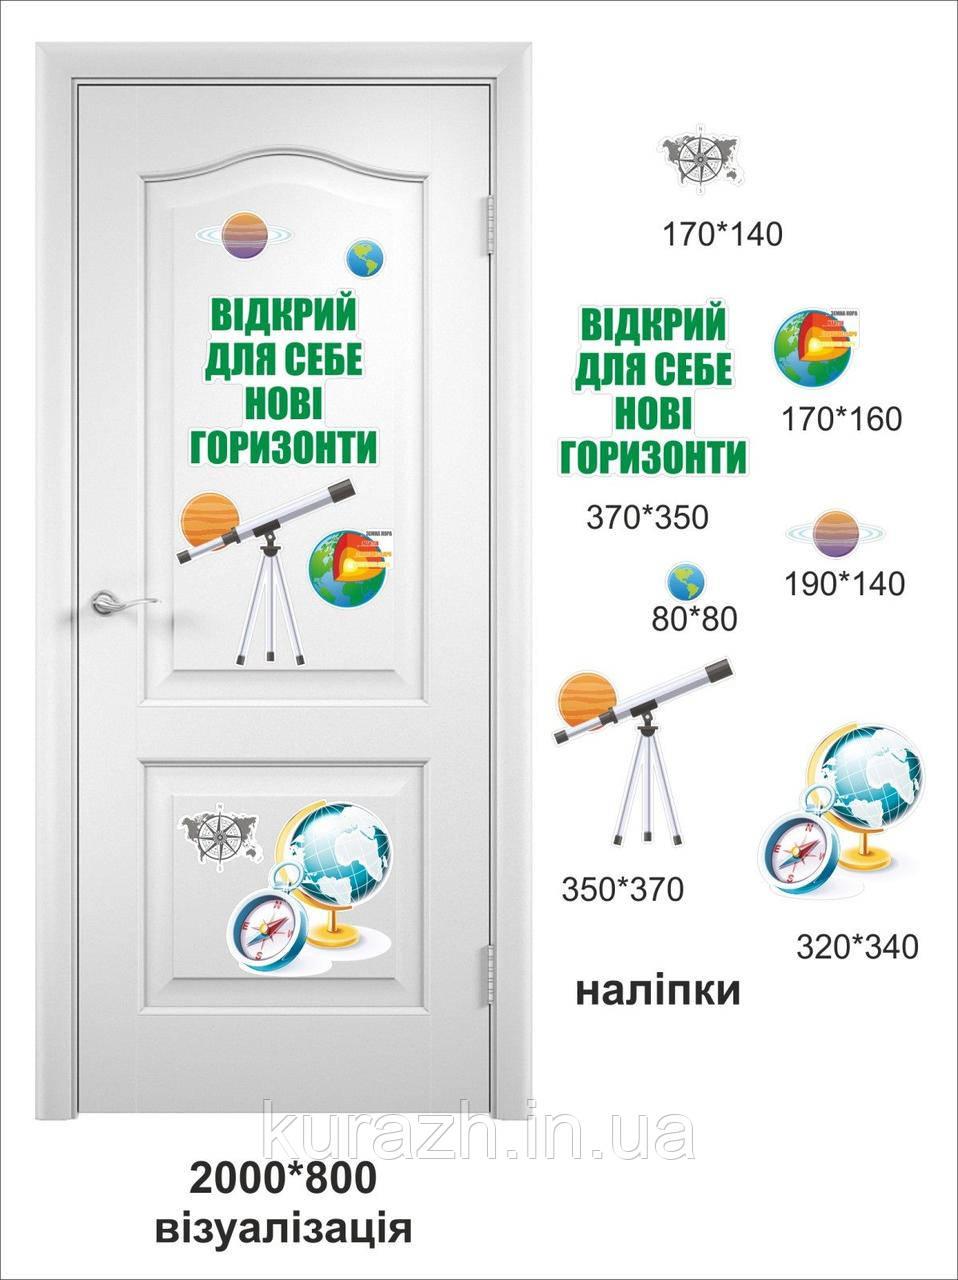 Набір вінілових наклейок на двері